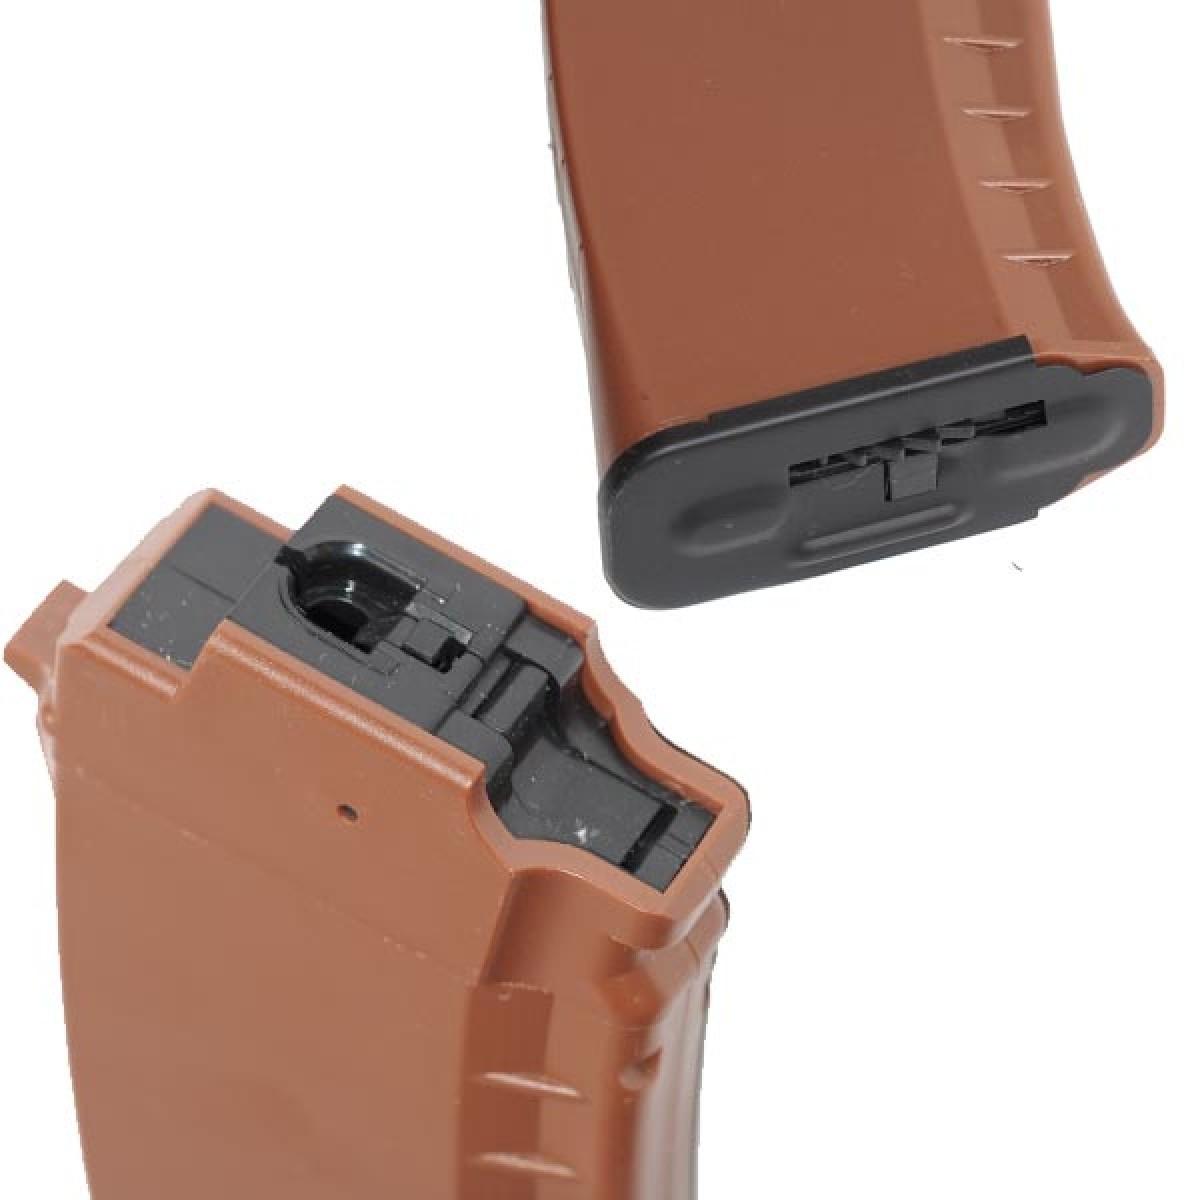 次世代AK用 多弾装 スペア マガジン